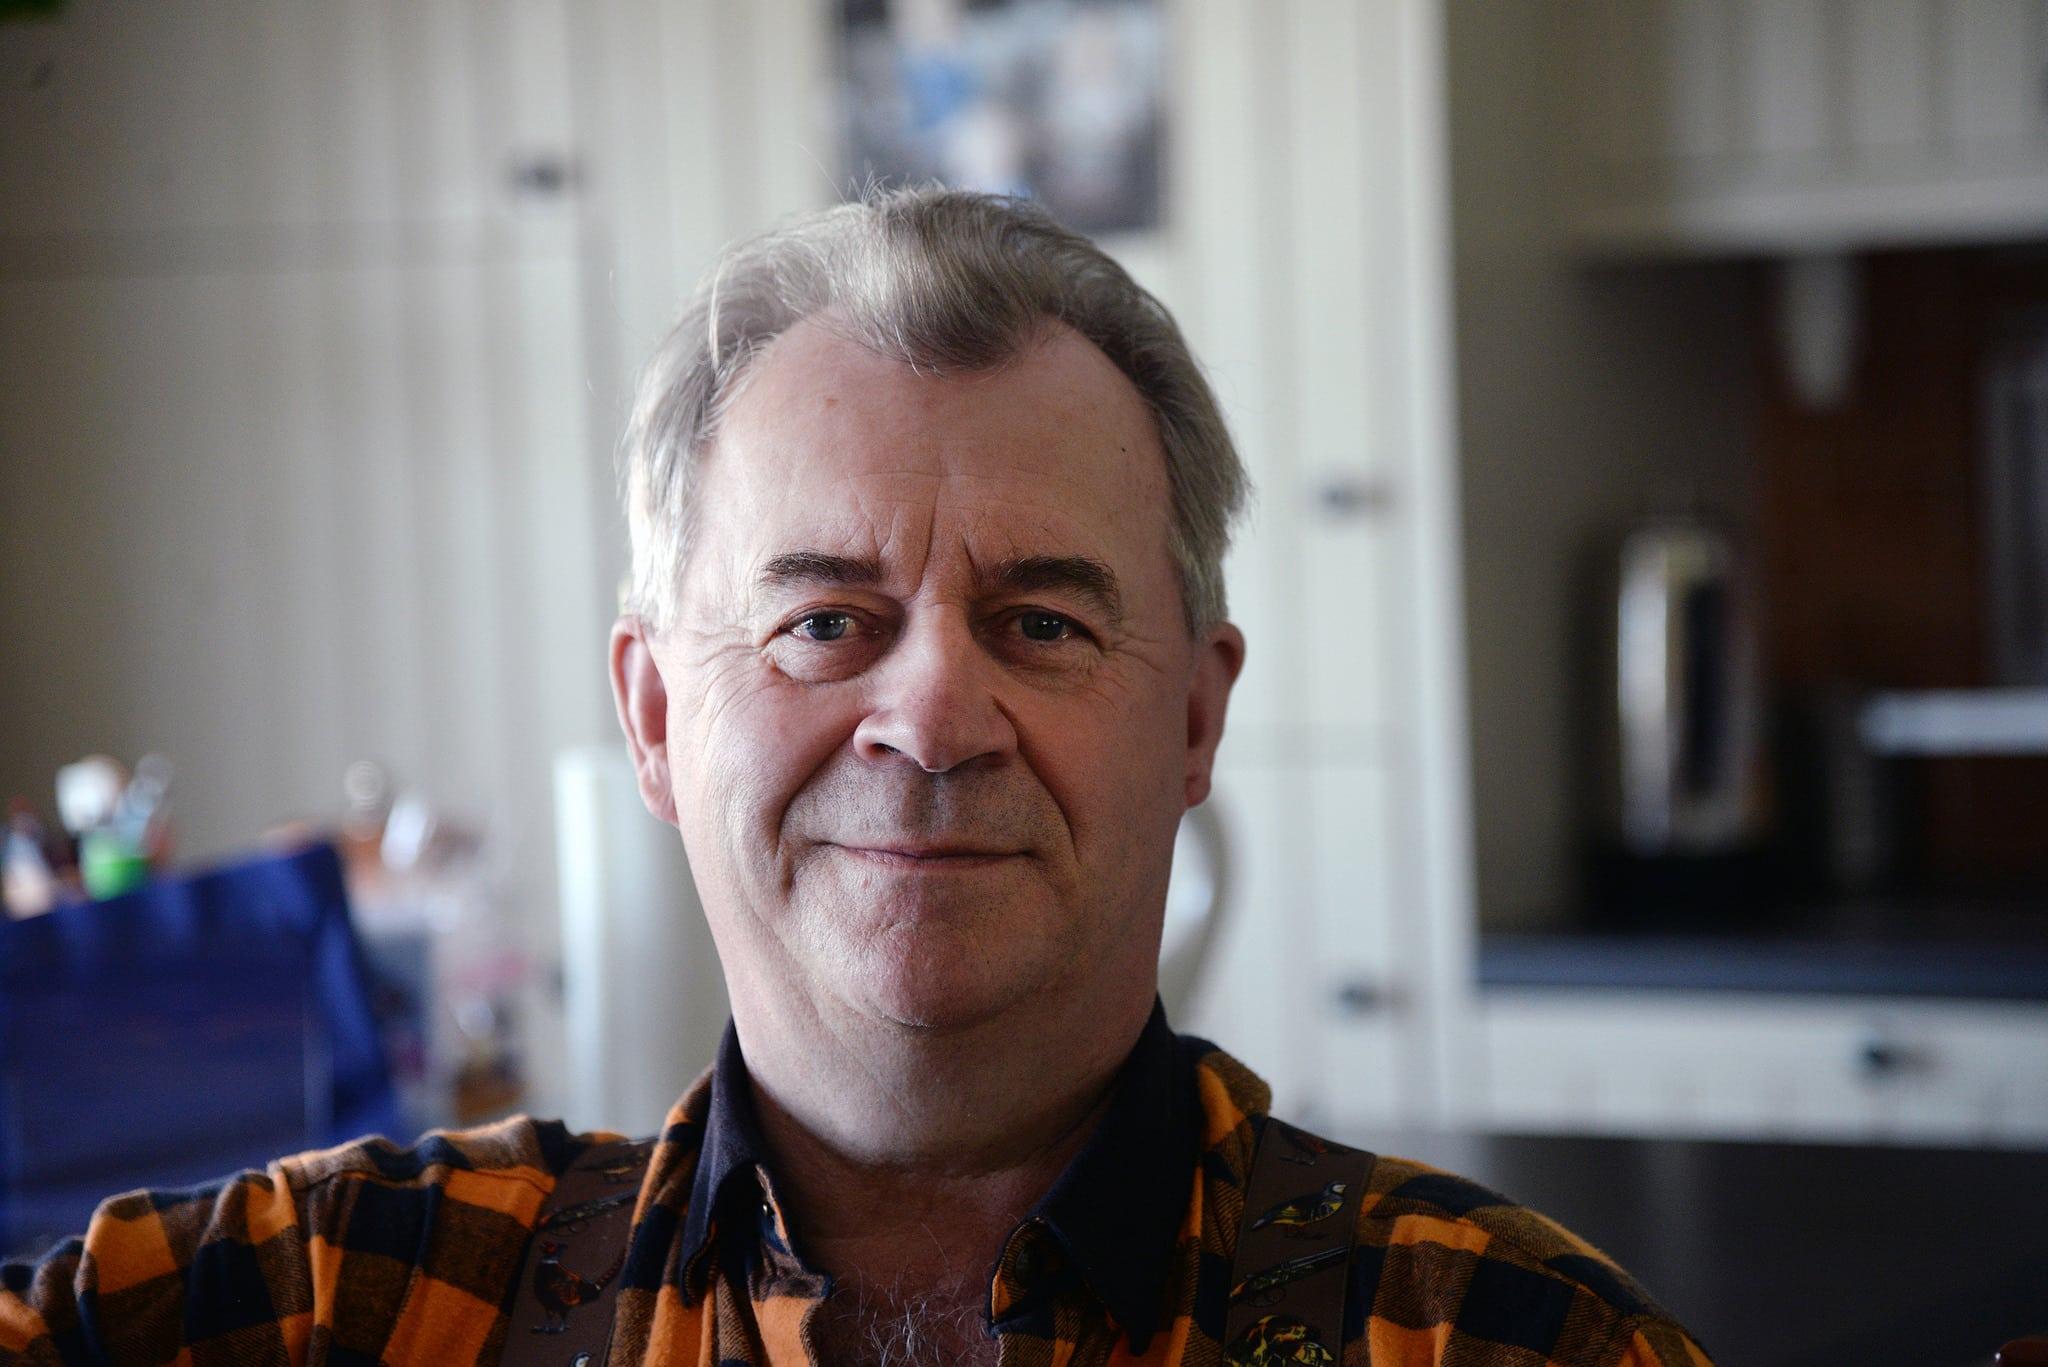 Landsbygdsminister Sven-Erik Bucht lovar att rullstolsburna jägare ska få likvärdig bedömning oavsett var de är bosatta. Foto: Lars-Henrik Andersson